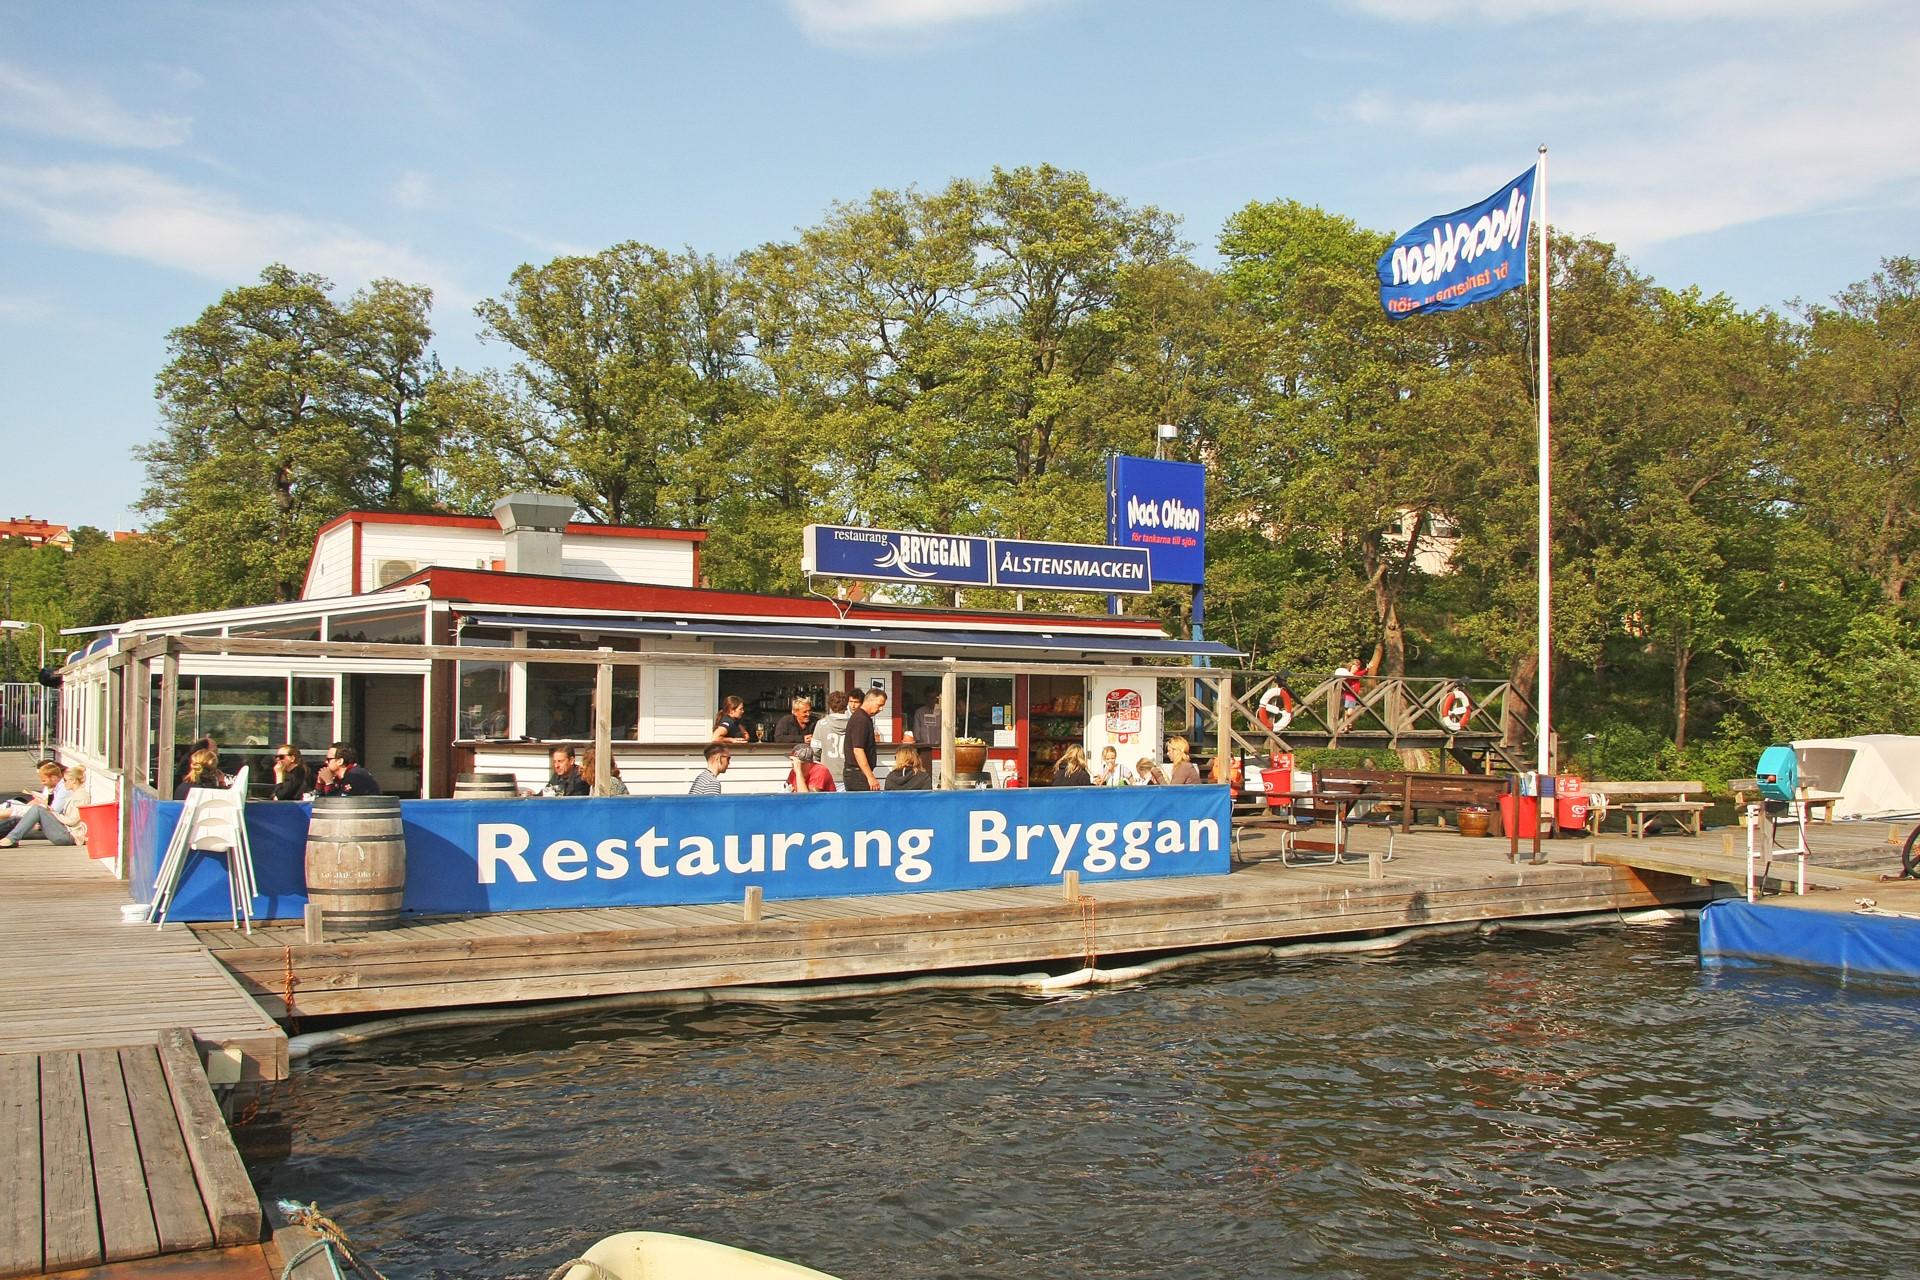 Ett besök på Restaurang Bryggan ingår varje sommar